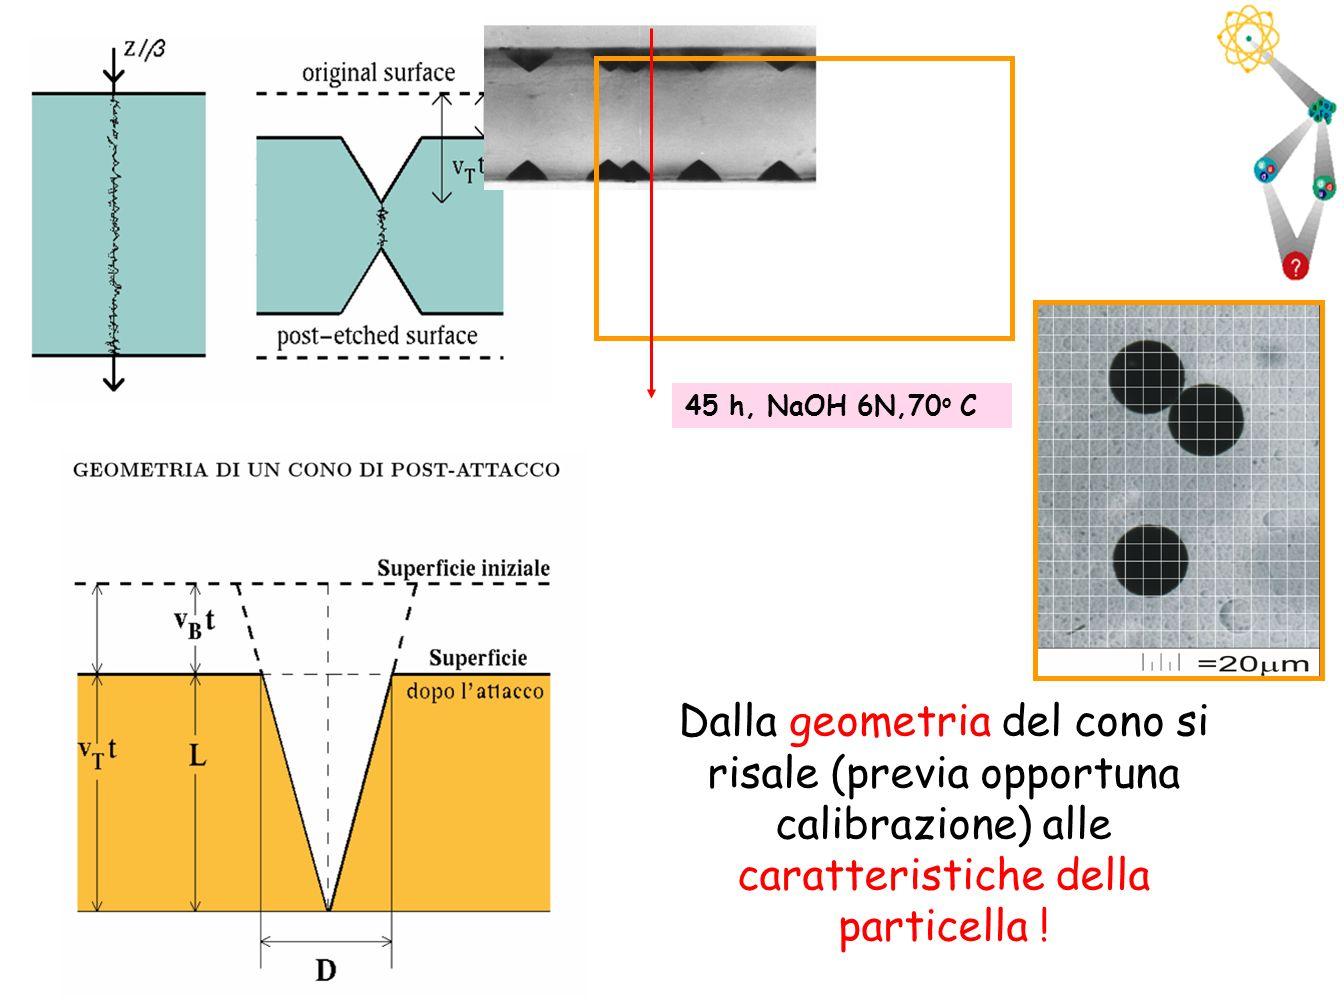 45 h, NaOH 6N,70o C Dalla geometria del cono si risale (previa opportuna calibrazione) alle caratteristiche della particella !